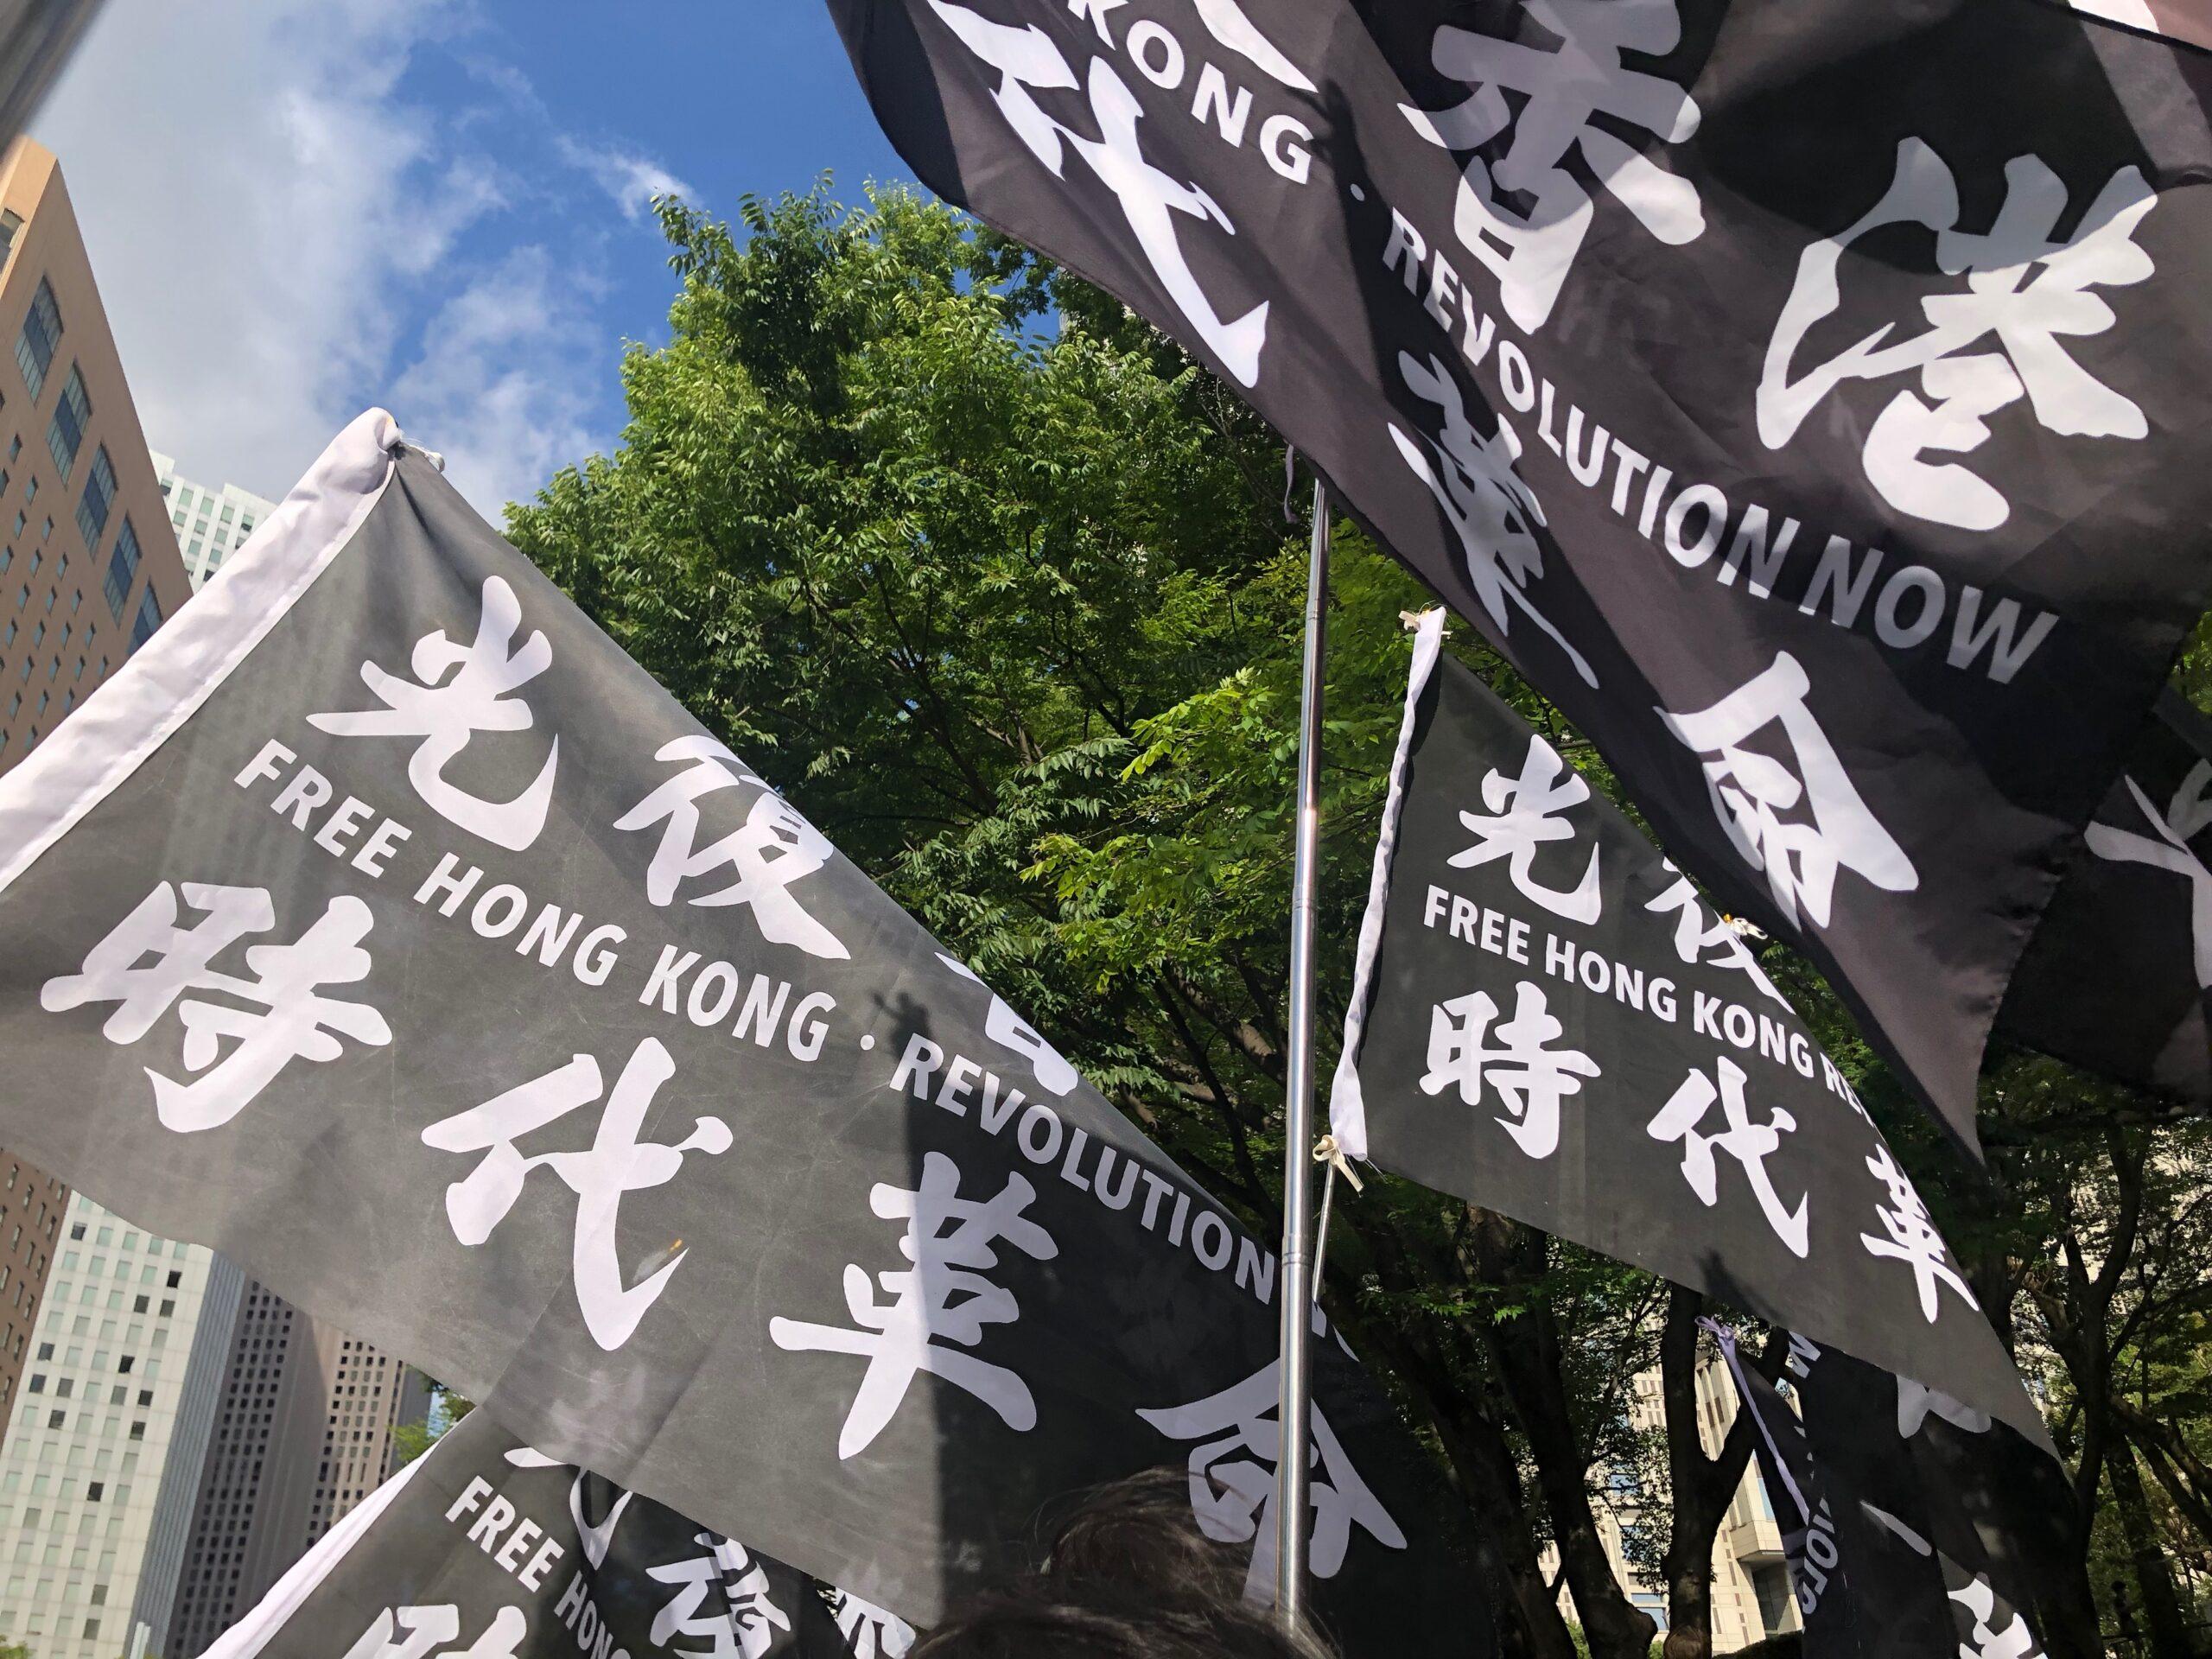 光復香港・時代革命